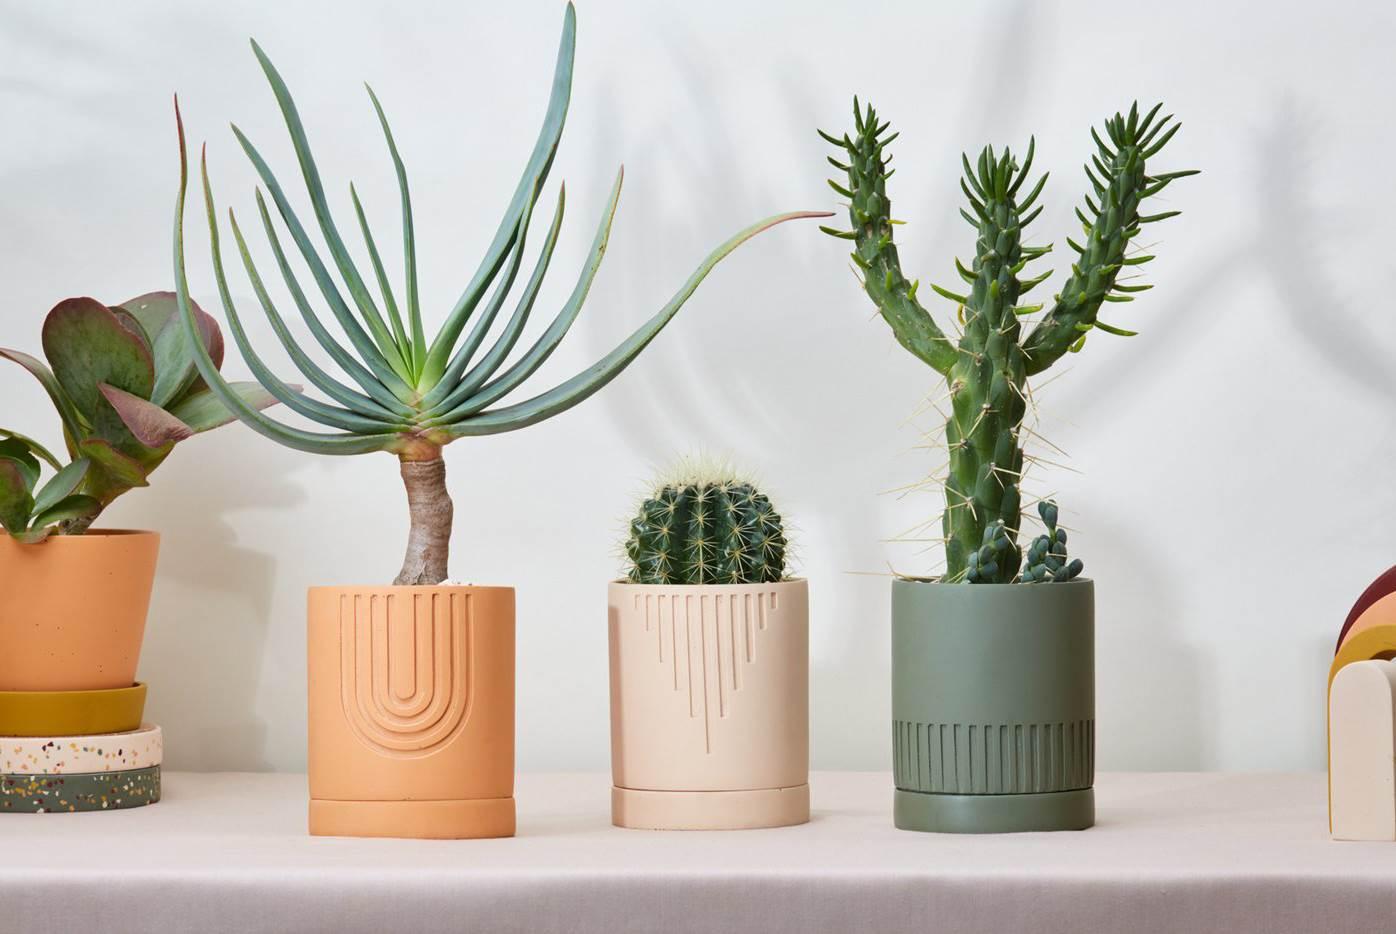 capra designs 1